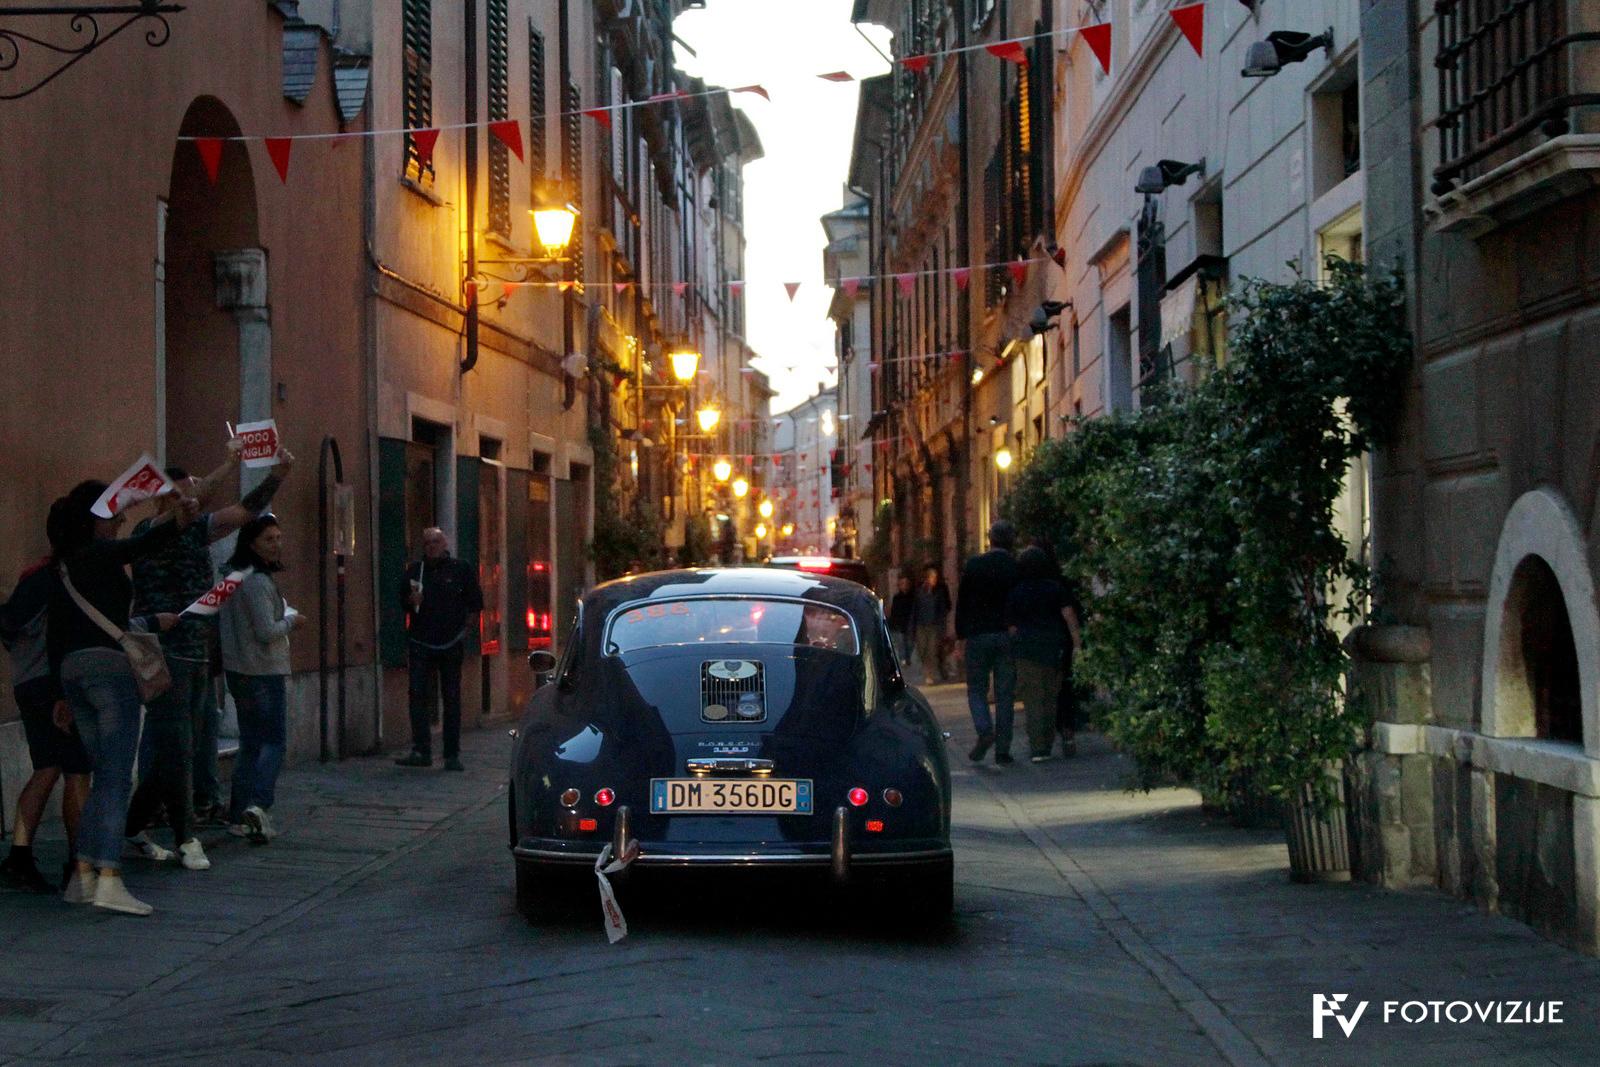 Mille Miglia 2018: Tudi ob večernih prihodih v mesta so nas pozdravljale rdeče zastavice